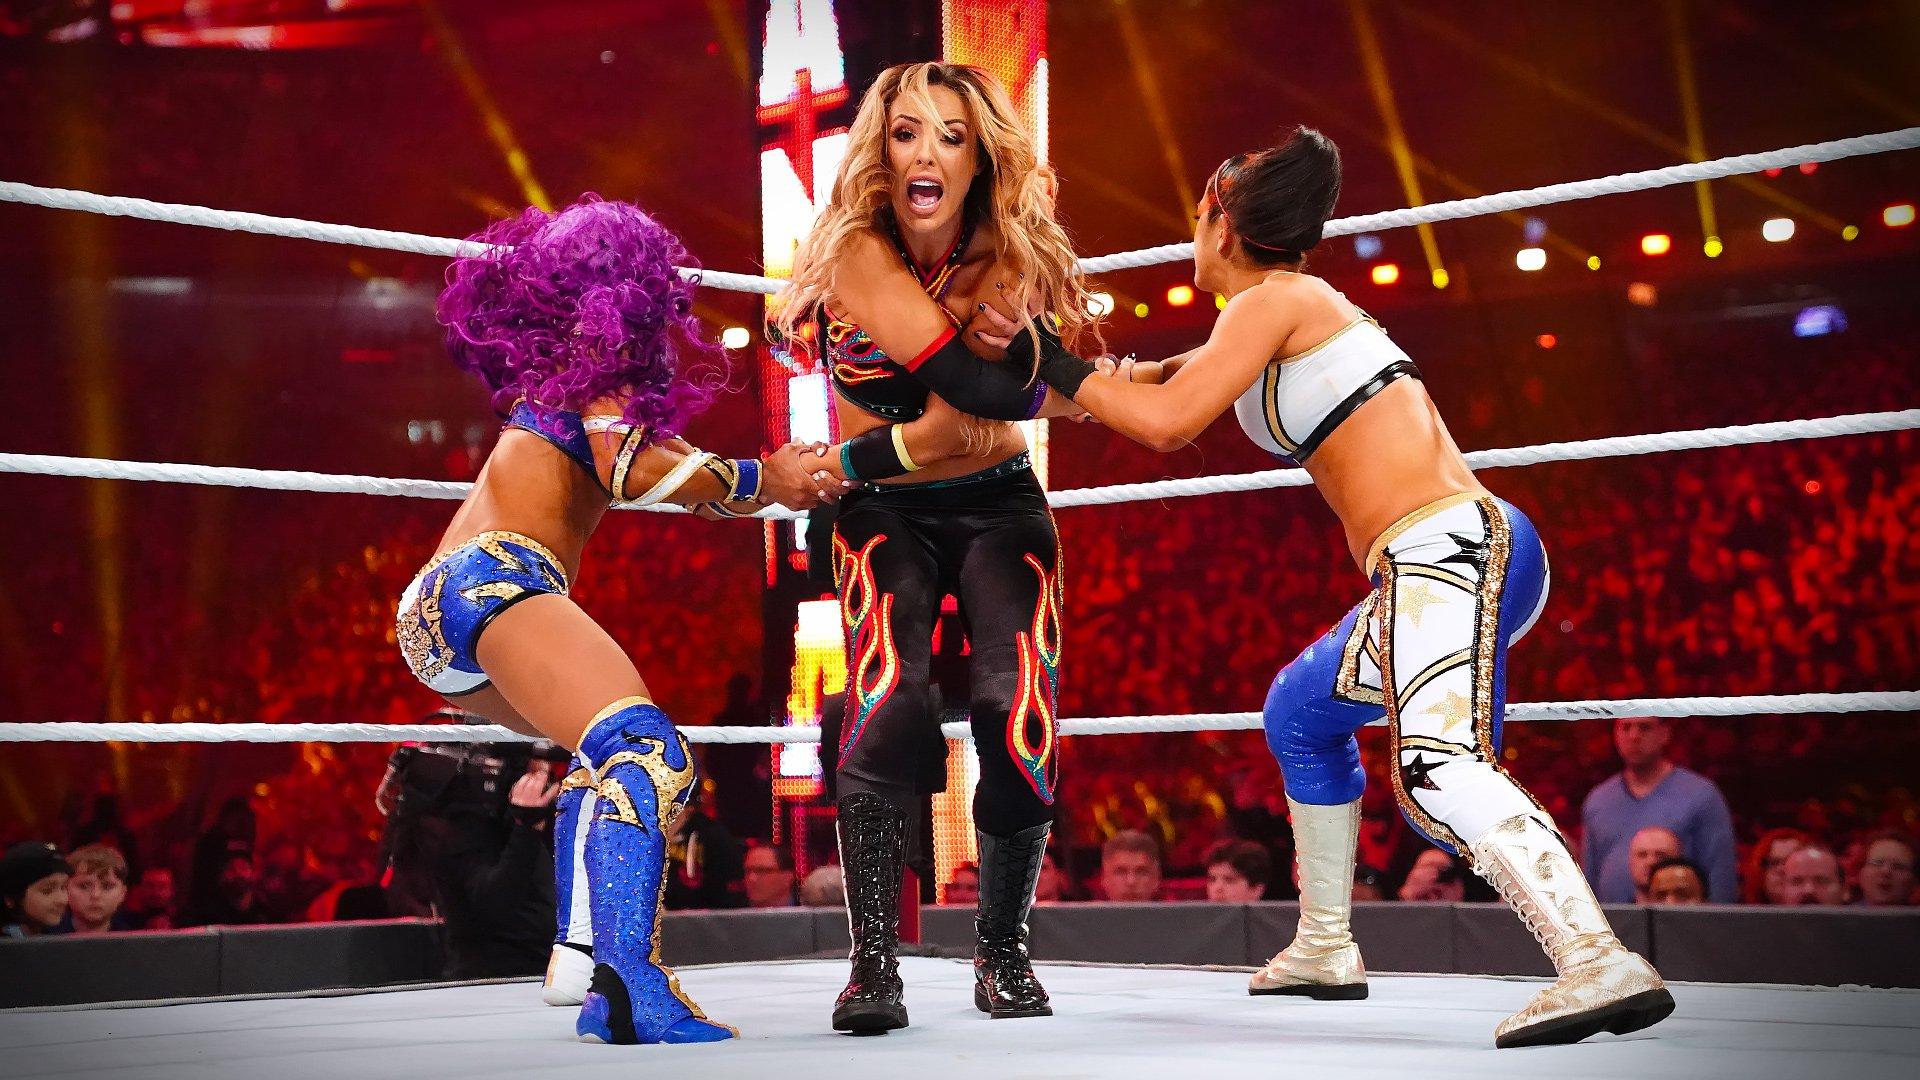 Le chaos règne dans le Match Fatal 4-Way pour les Titres Femmes par Équipes de la WWE: WrestleMania 35 (Exclusivité WWE Network)